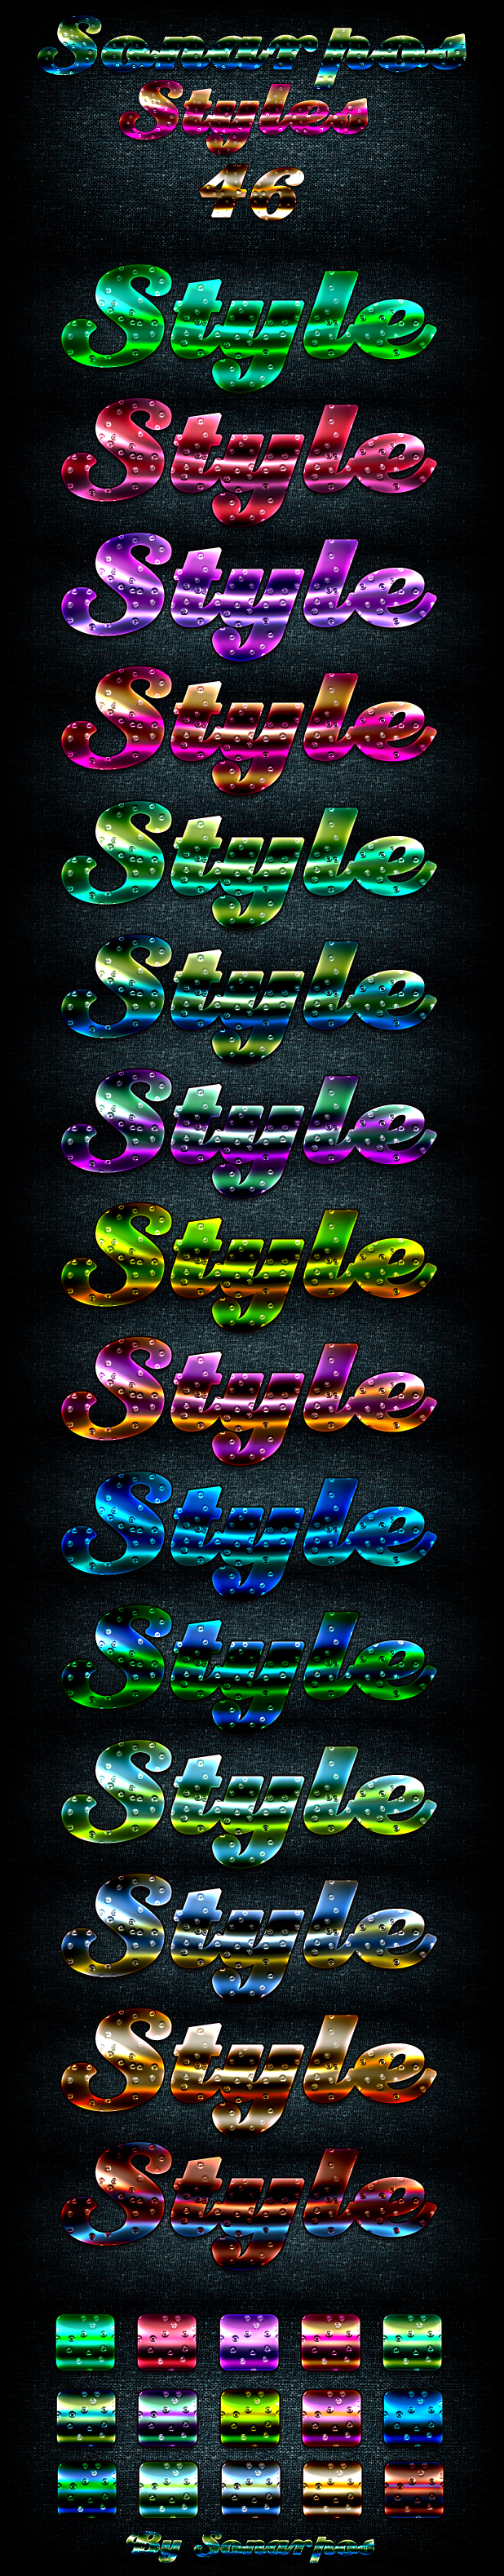 sonarpos'styles 46 by sonarpos